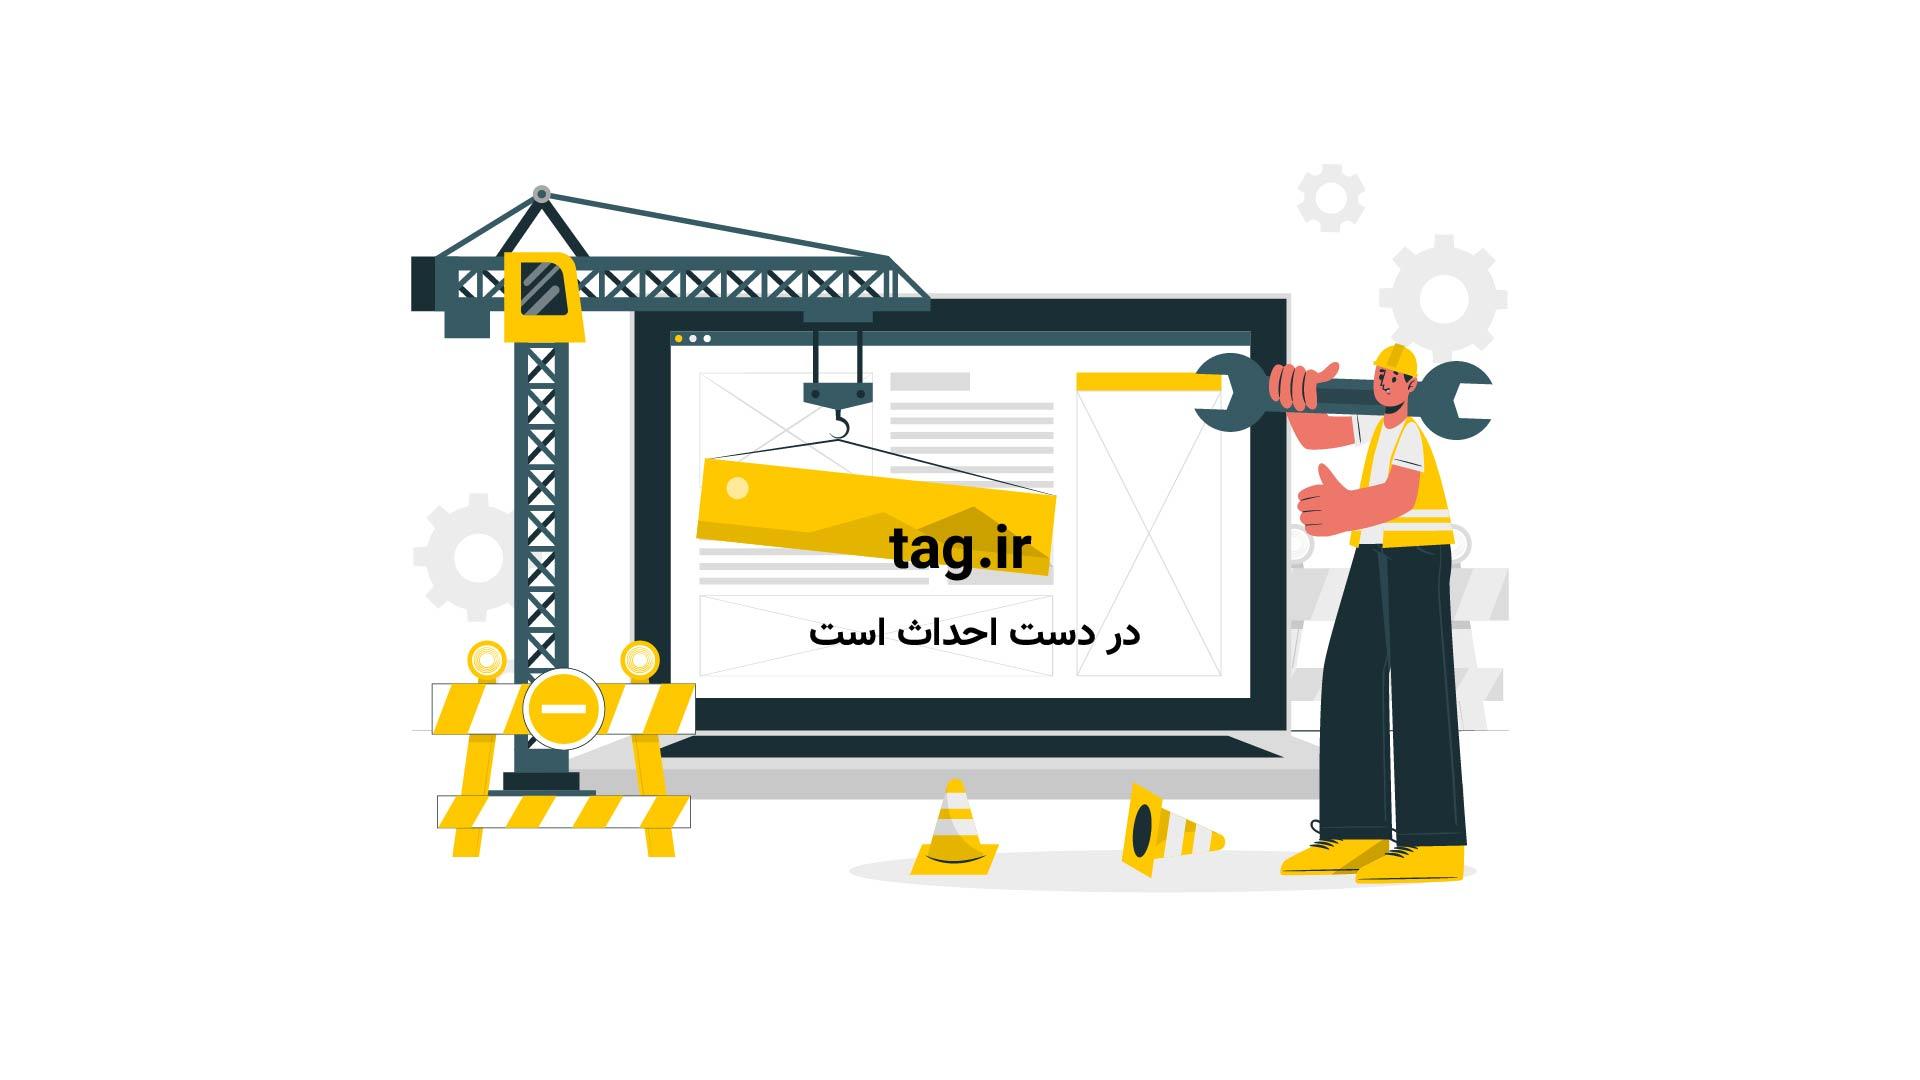 سیلاب و آبگرفتگی معابر در سیستان و بلوچستان | فیلم